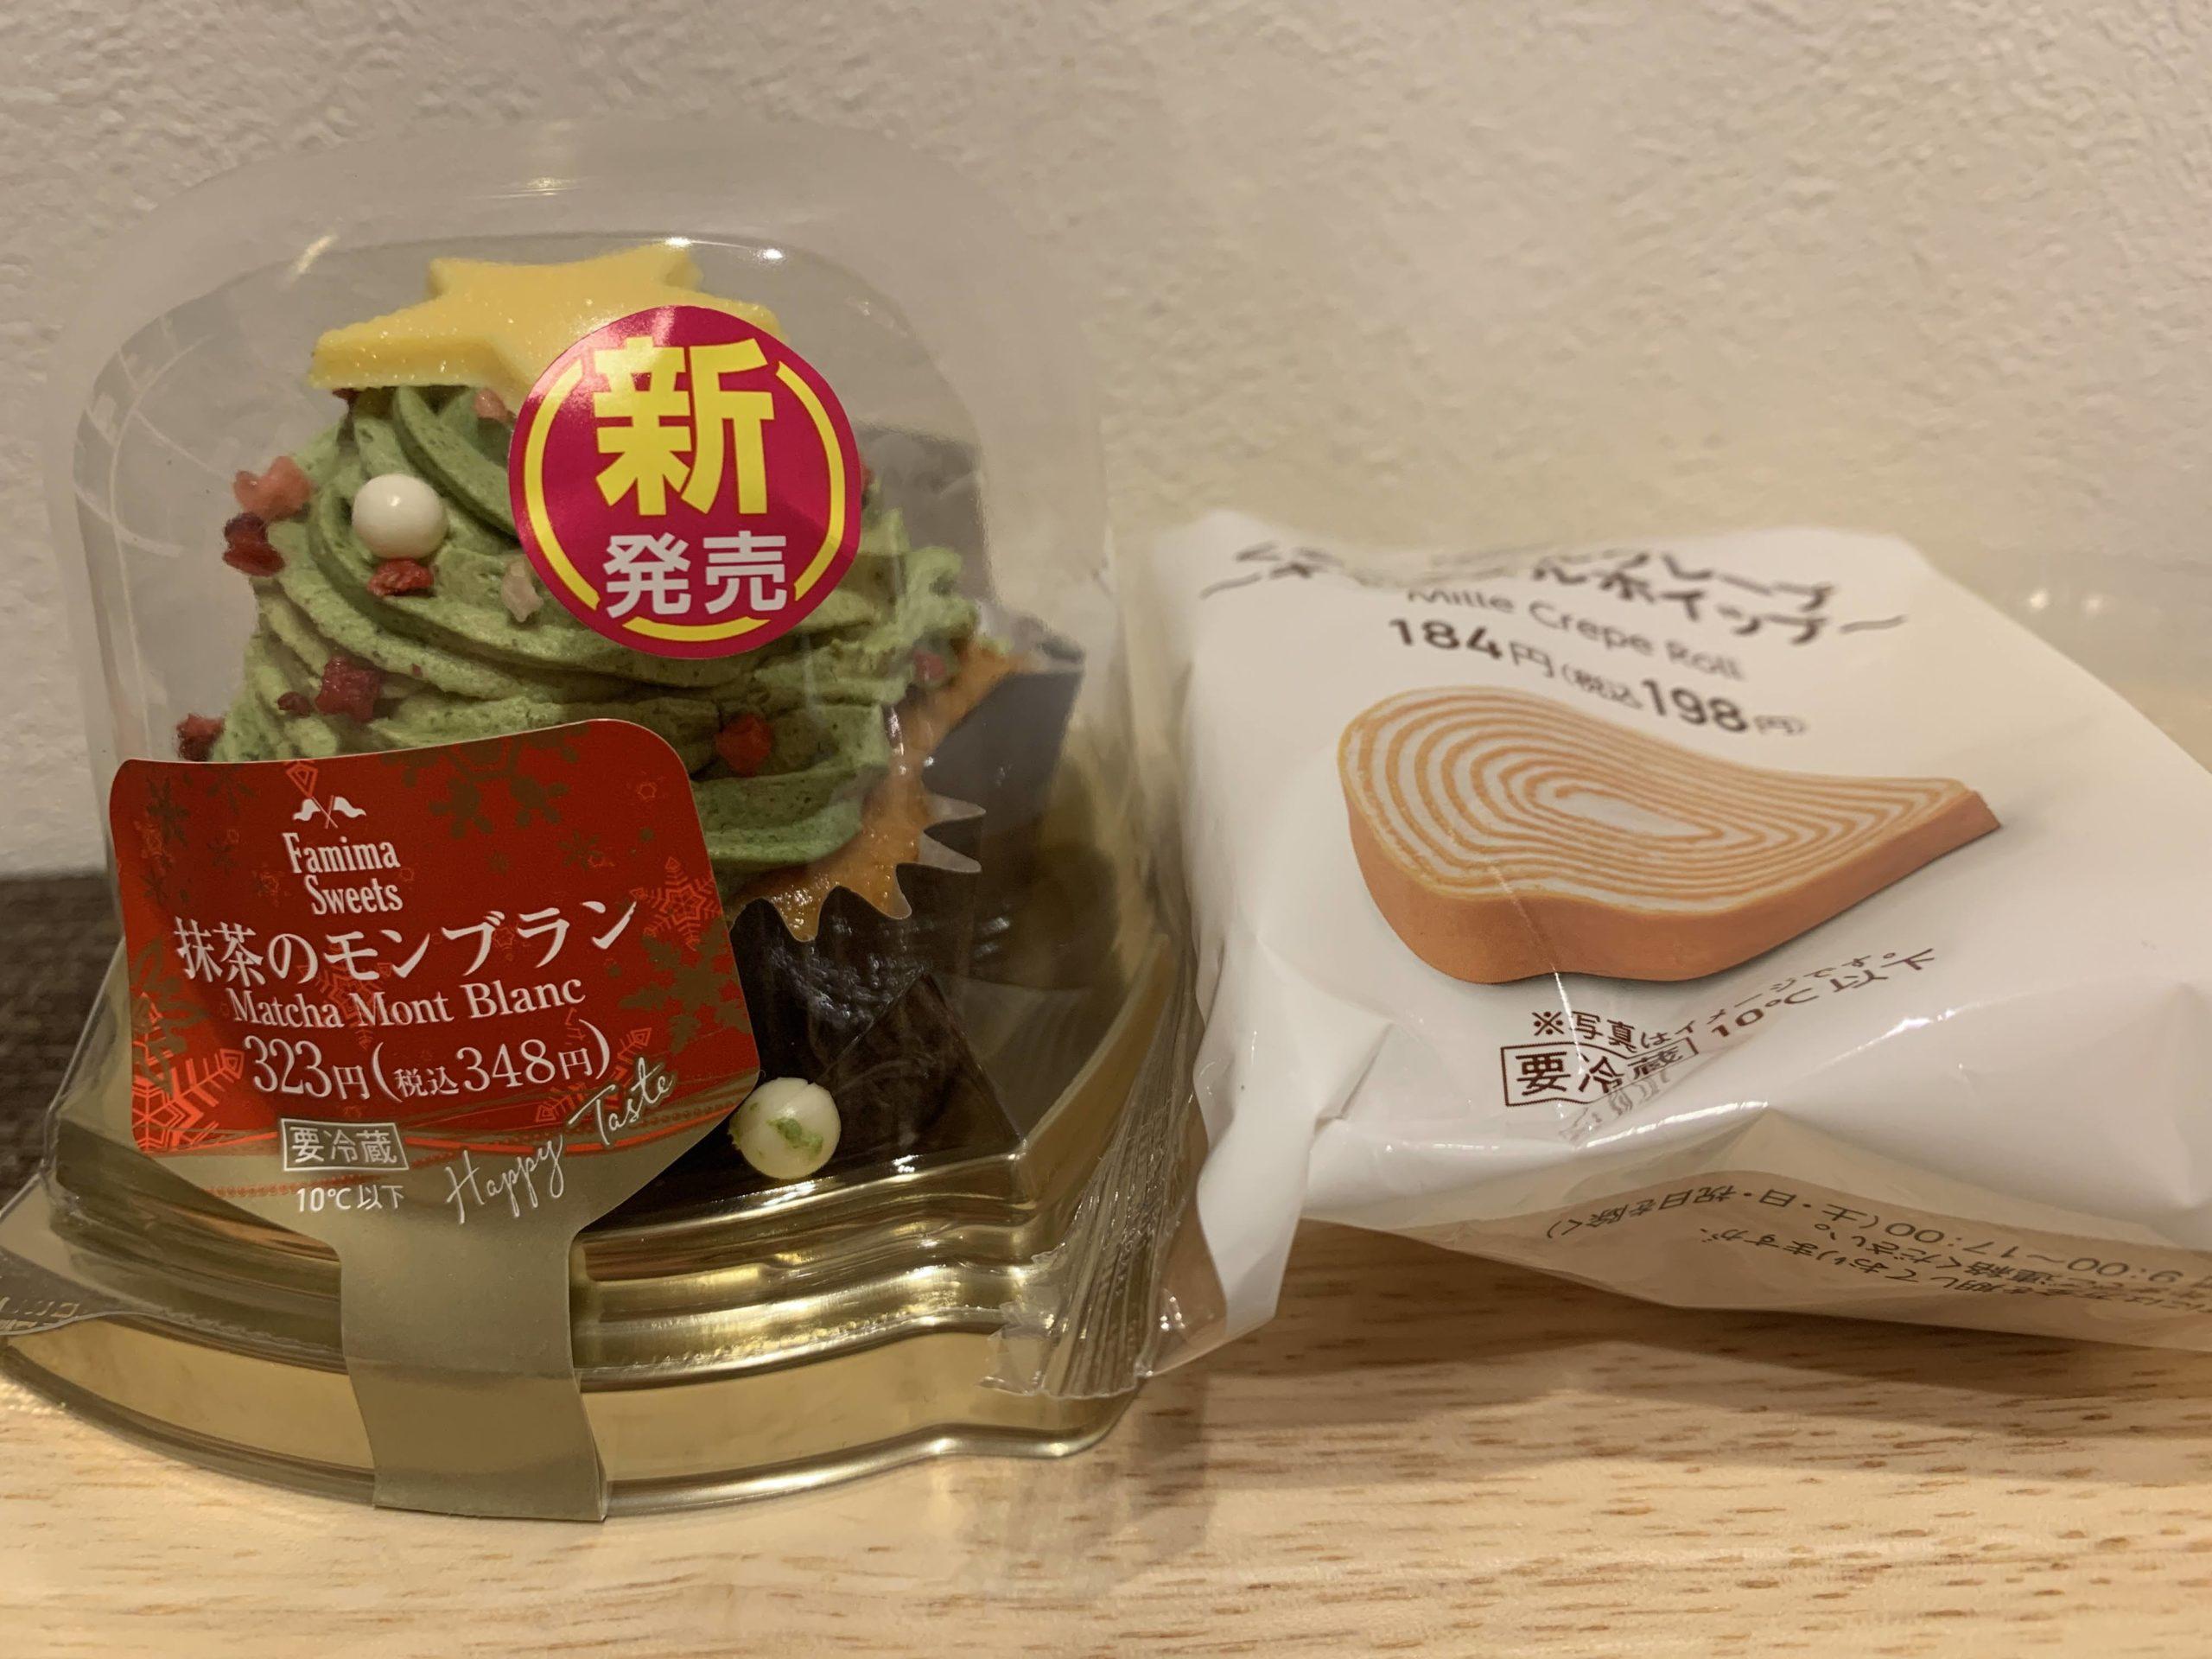 ファミマのスイーツ・抹茶のモンブラン&くるくるミルククレープ実食レビュー